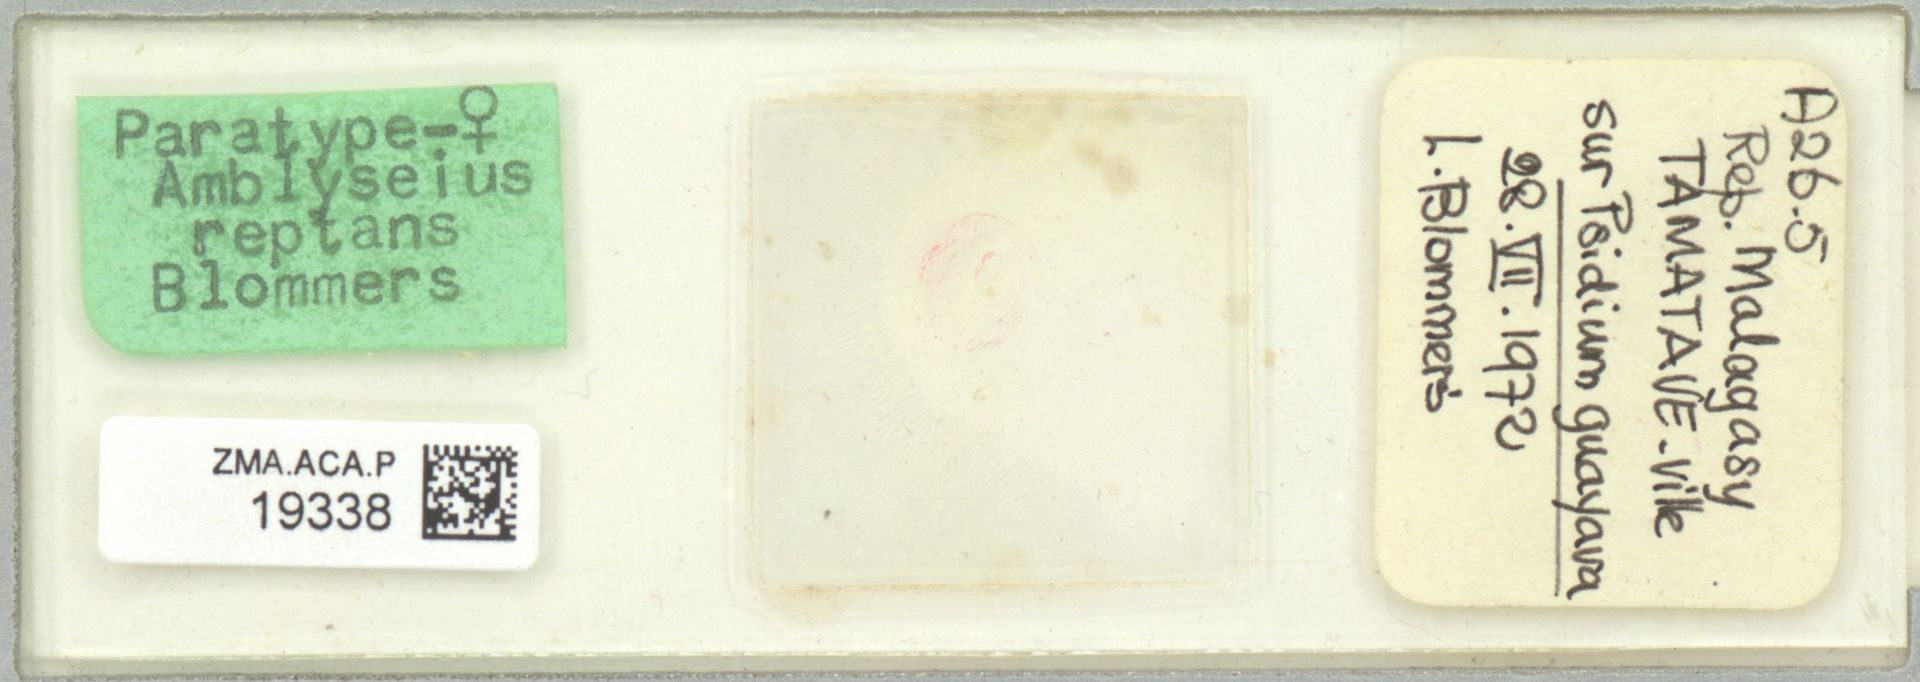 ZMA.ACA.P.19338 | Amblyseius reptans Blommers, 1974